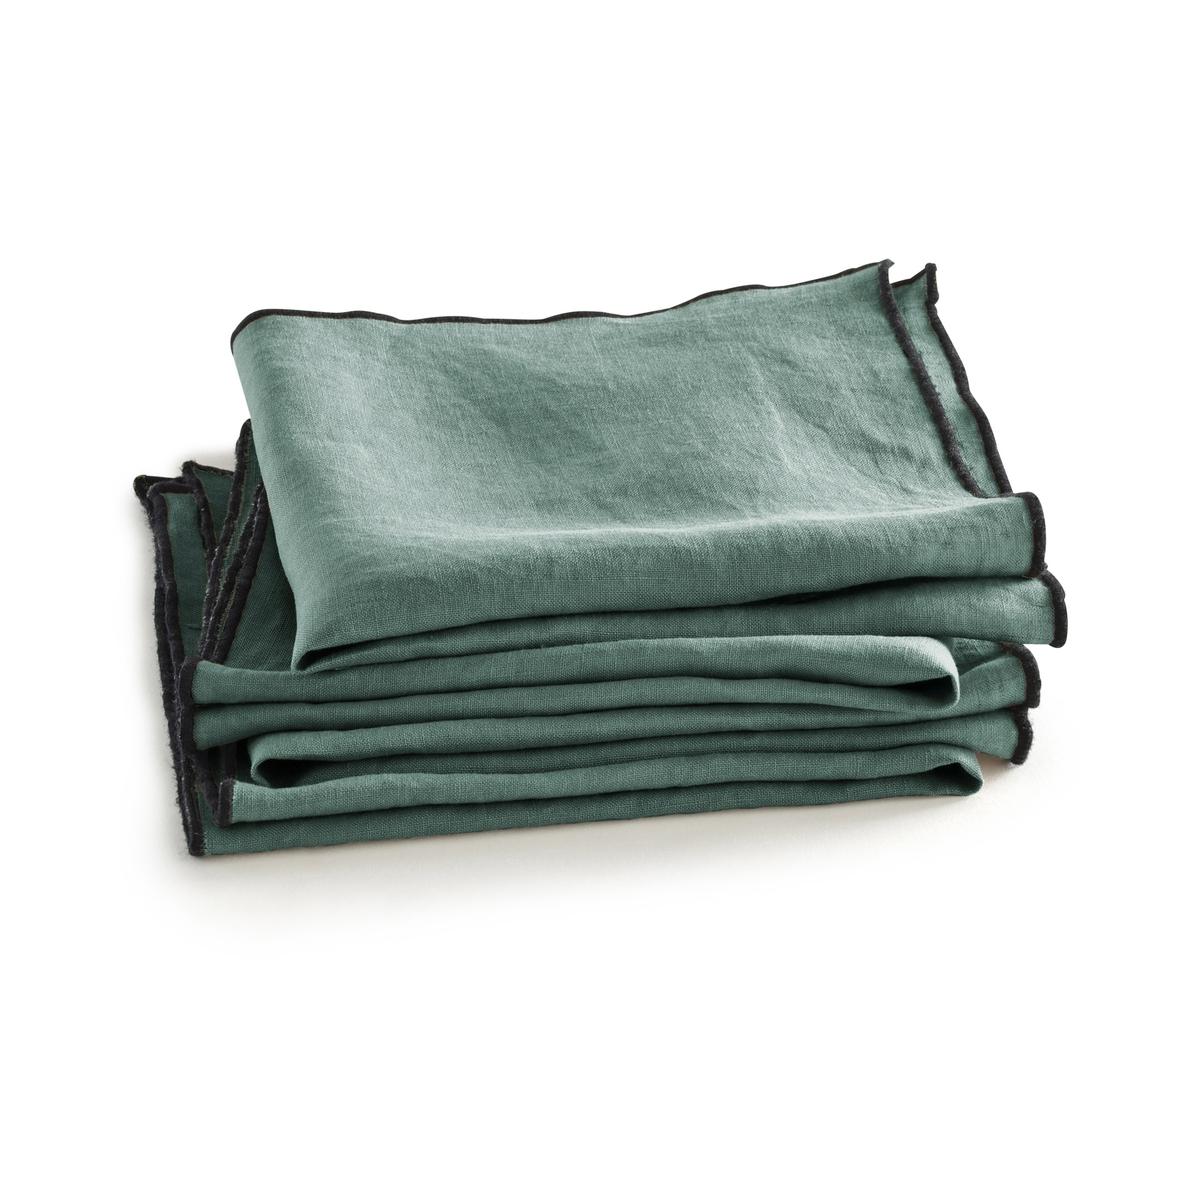 Салфетки La Redoute Suzy из льна комплект из шт комплект из 4 зеленый цены